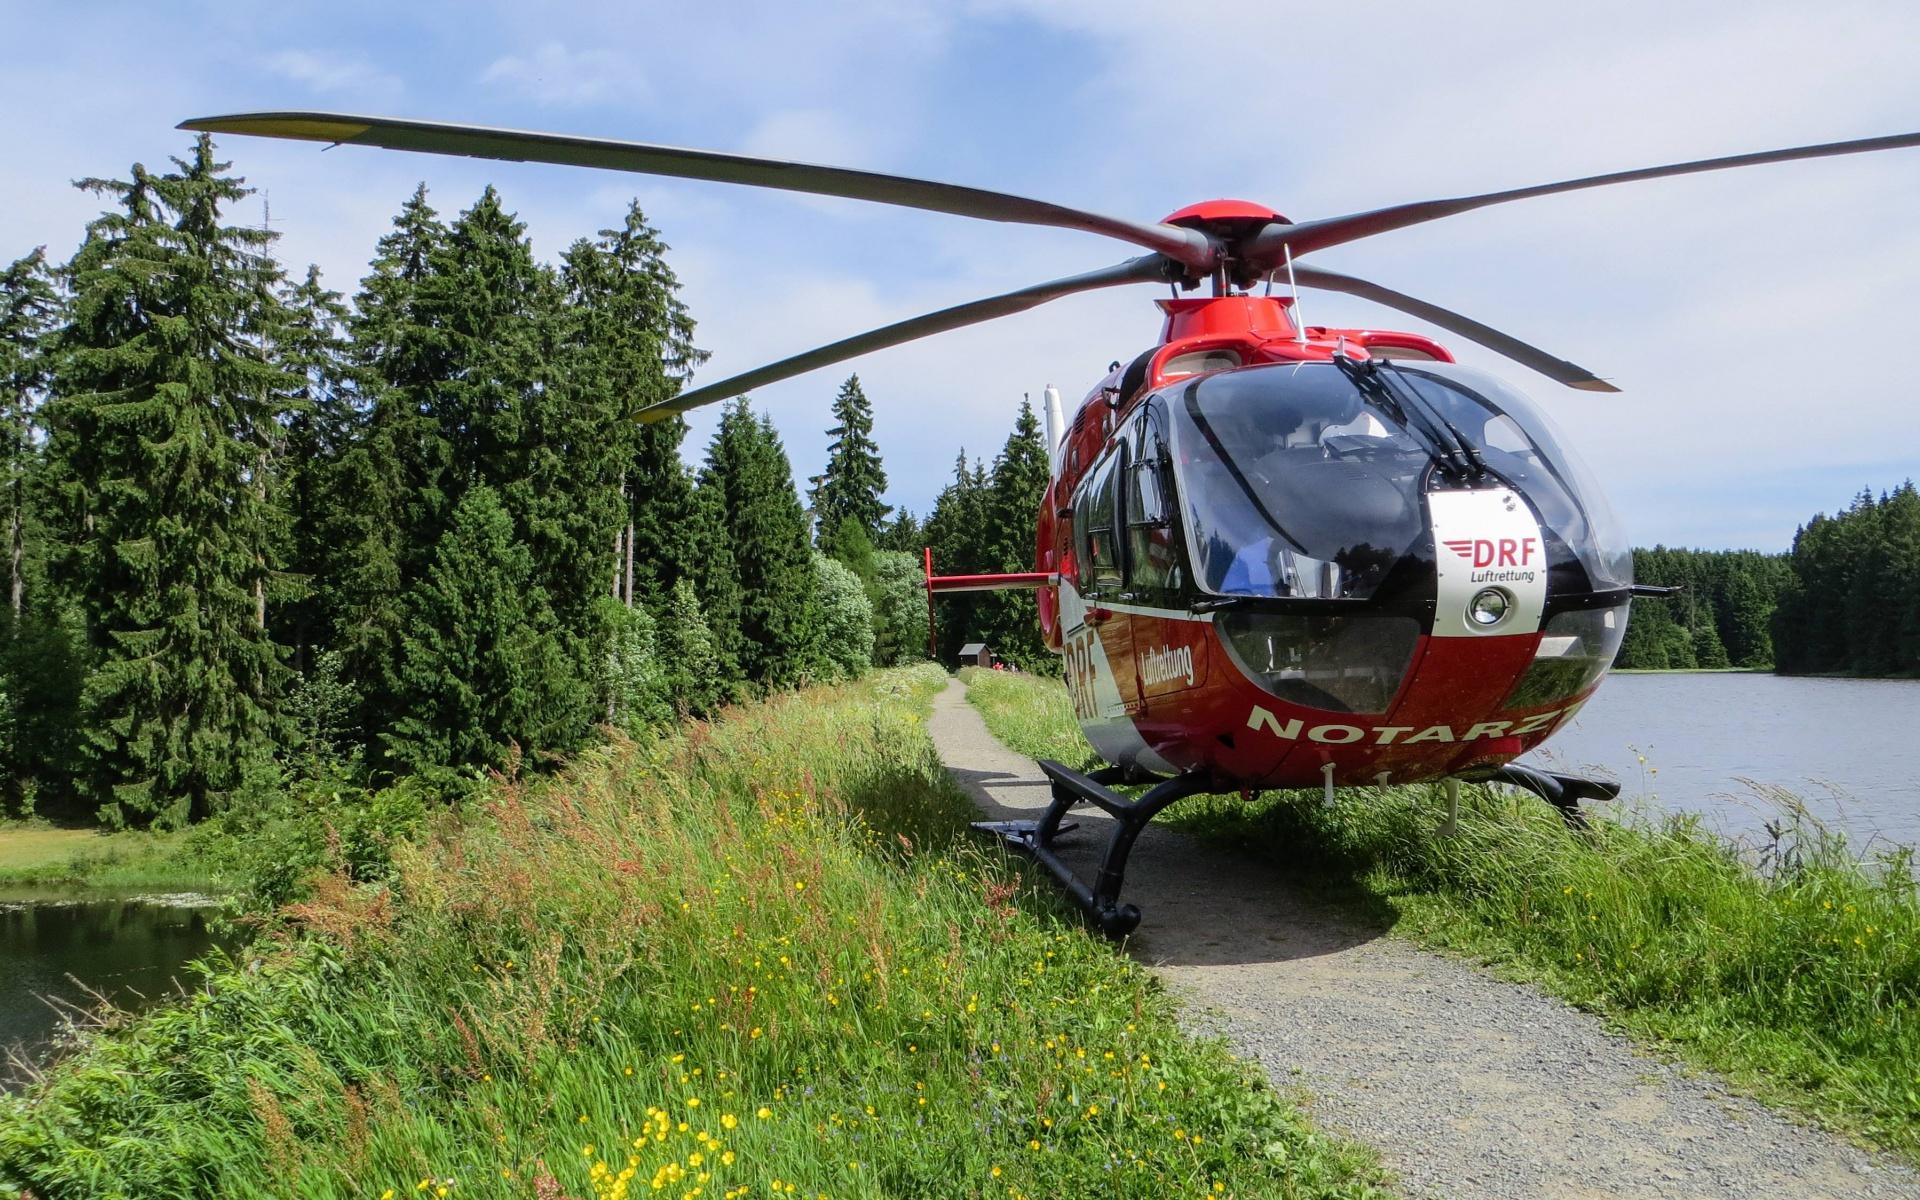 Die Nordhäuser Luftretter waren schnell zur Stelle, um den Patienten in ein Herzkatheterlabor zu fliegen.